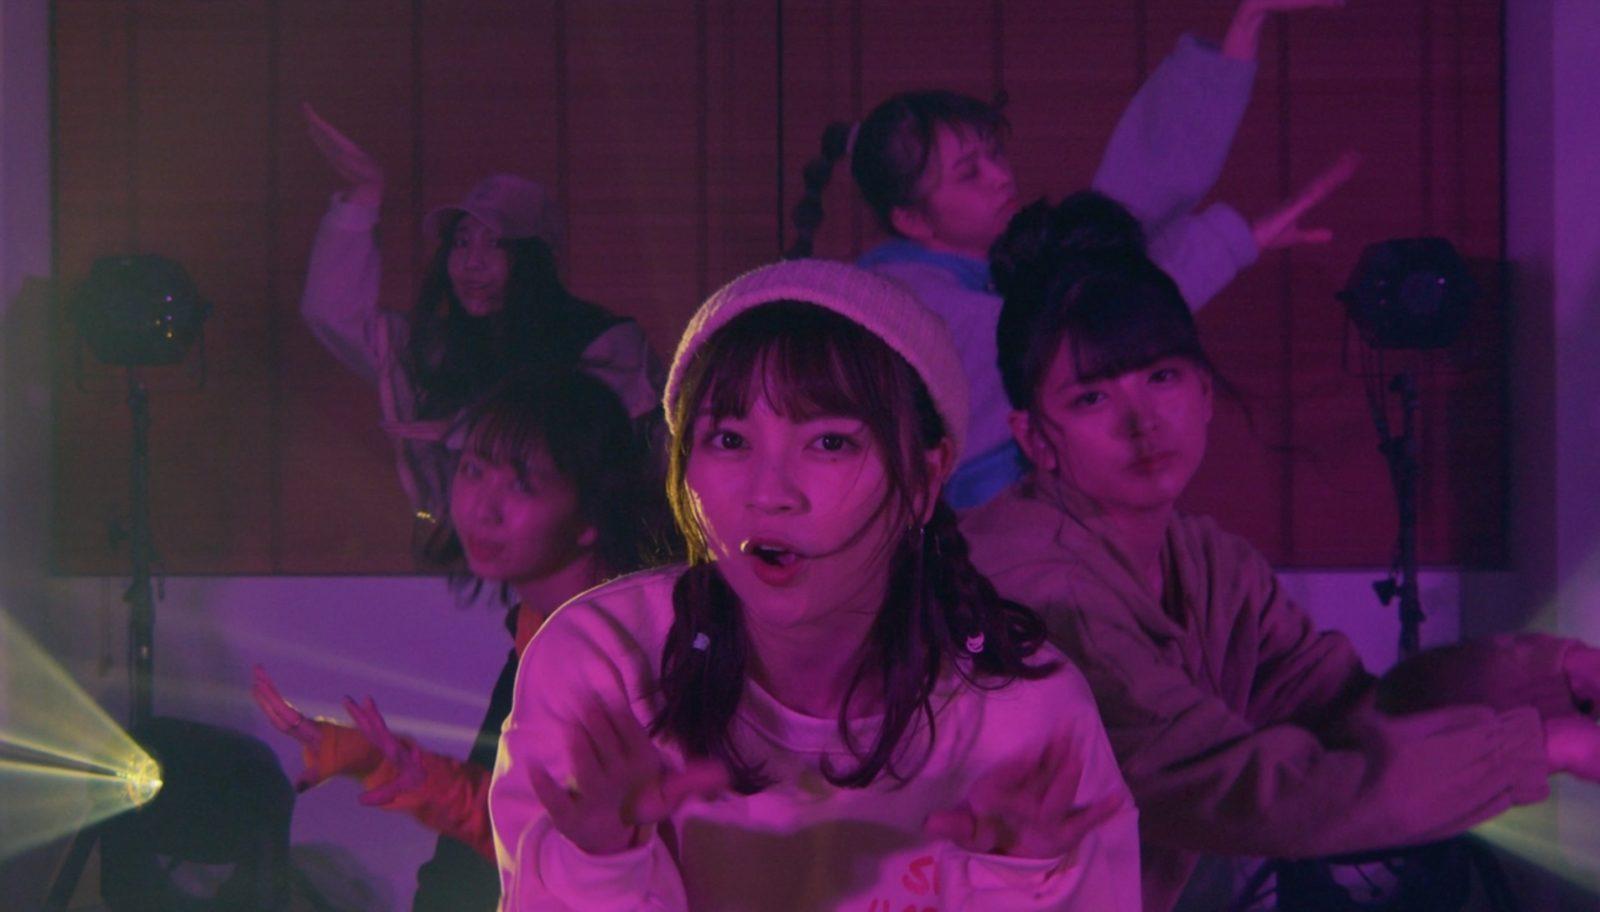 わーすた、Visual Movie第3弾「Do on Do〜坊ちゃんいっしょに踊りゃんせ〜」を公開サムネイル画像